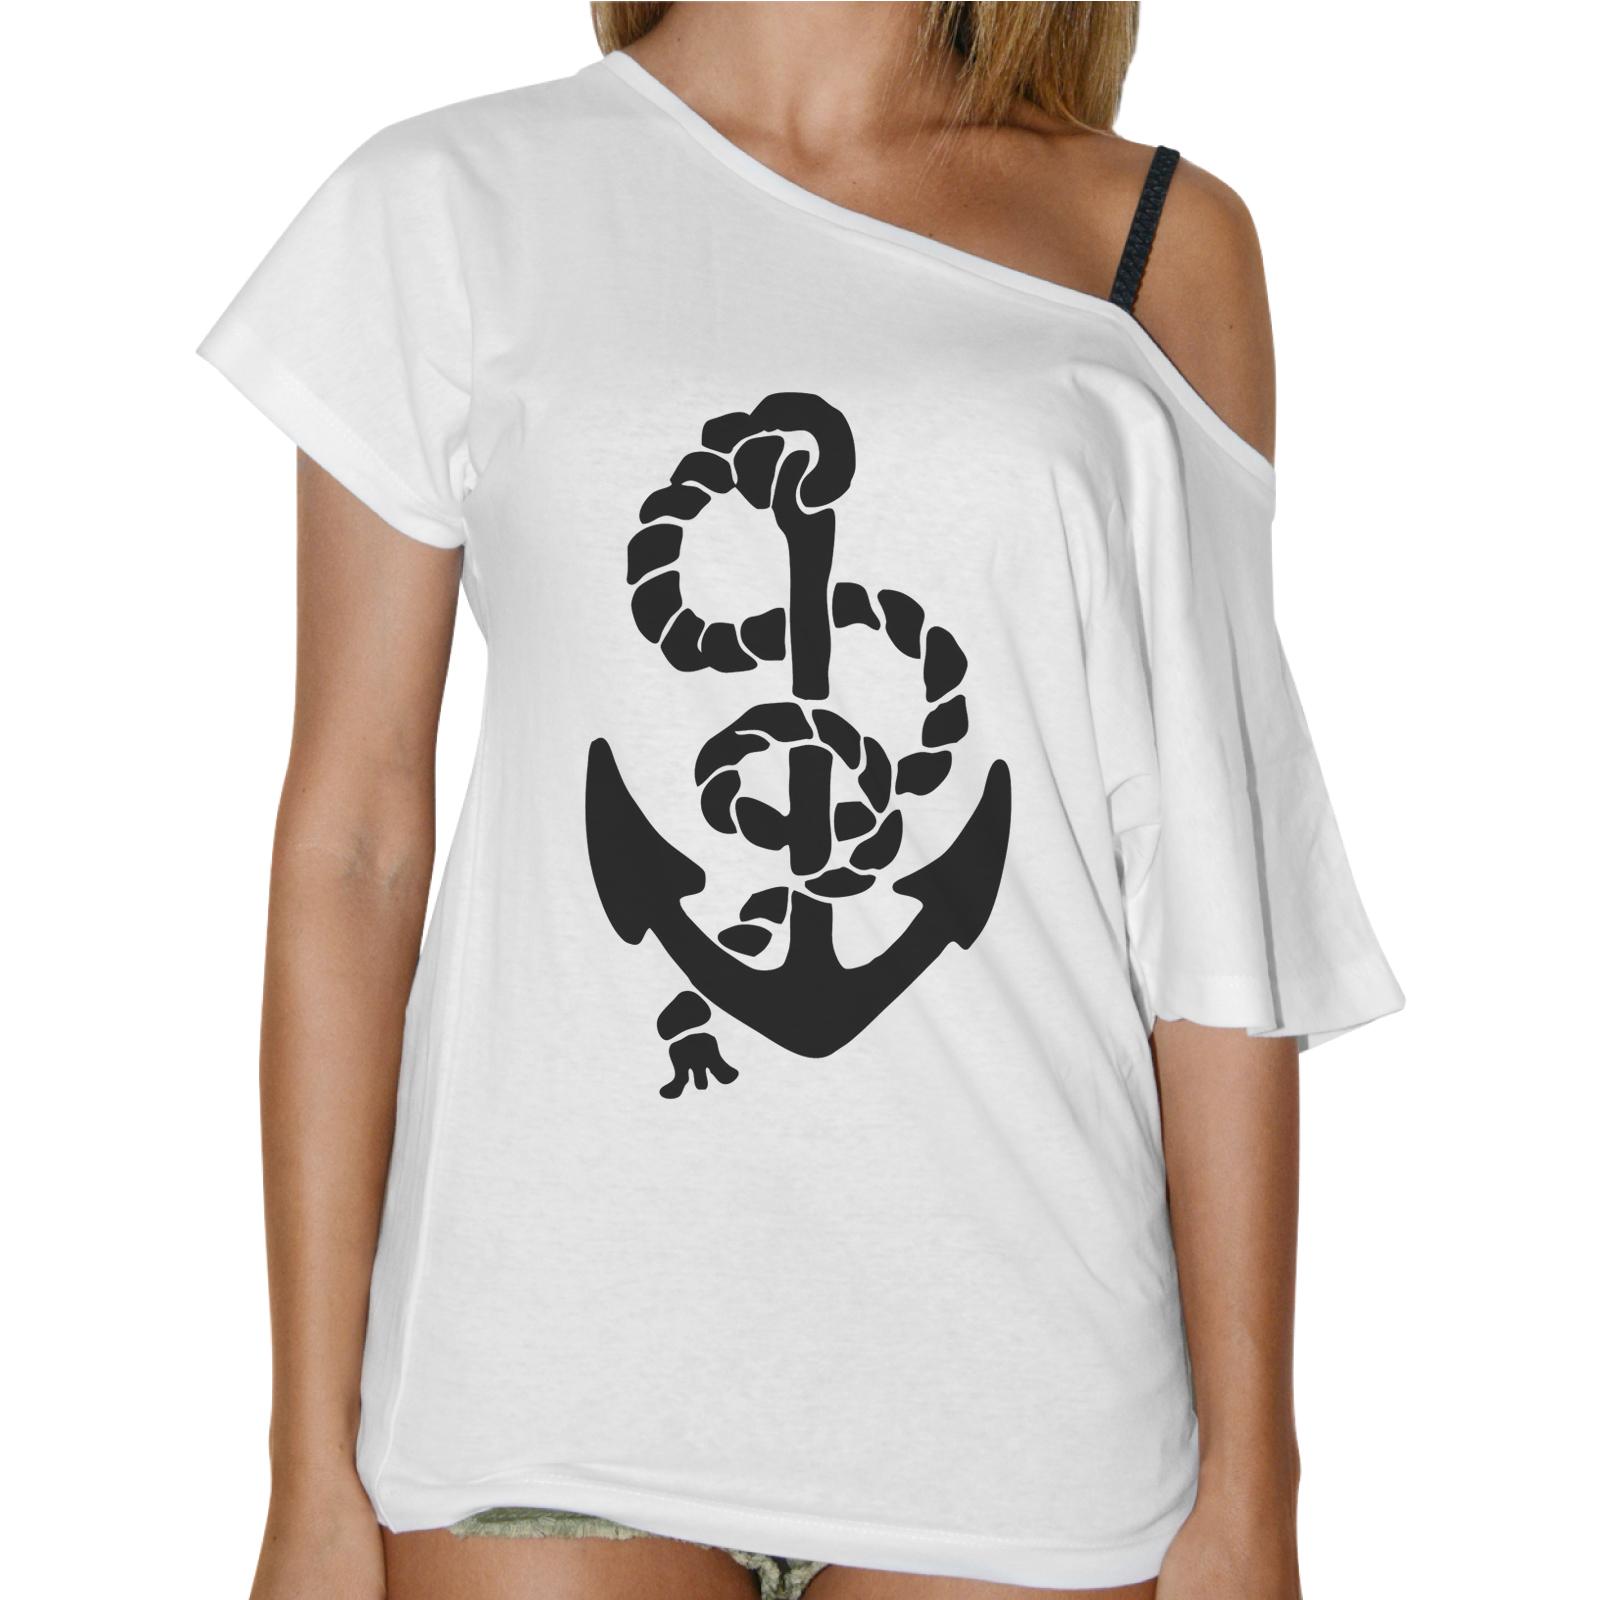 T-Shirt Donna Collo Barca ANCORA CORDA